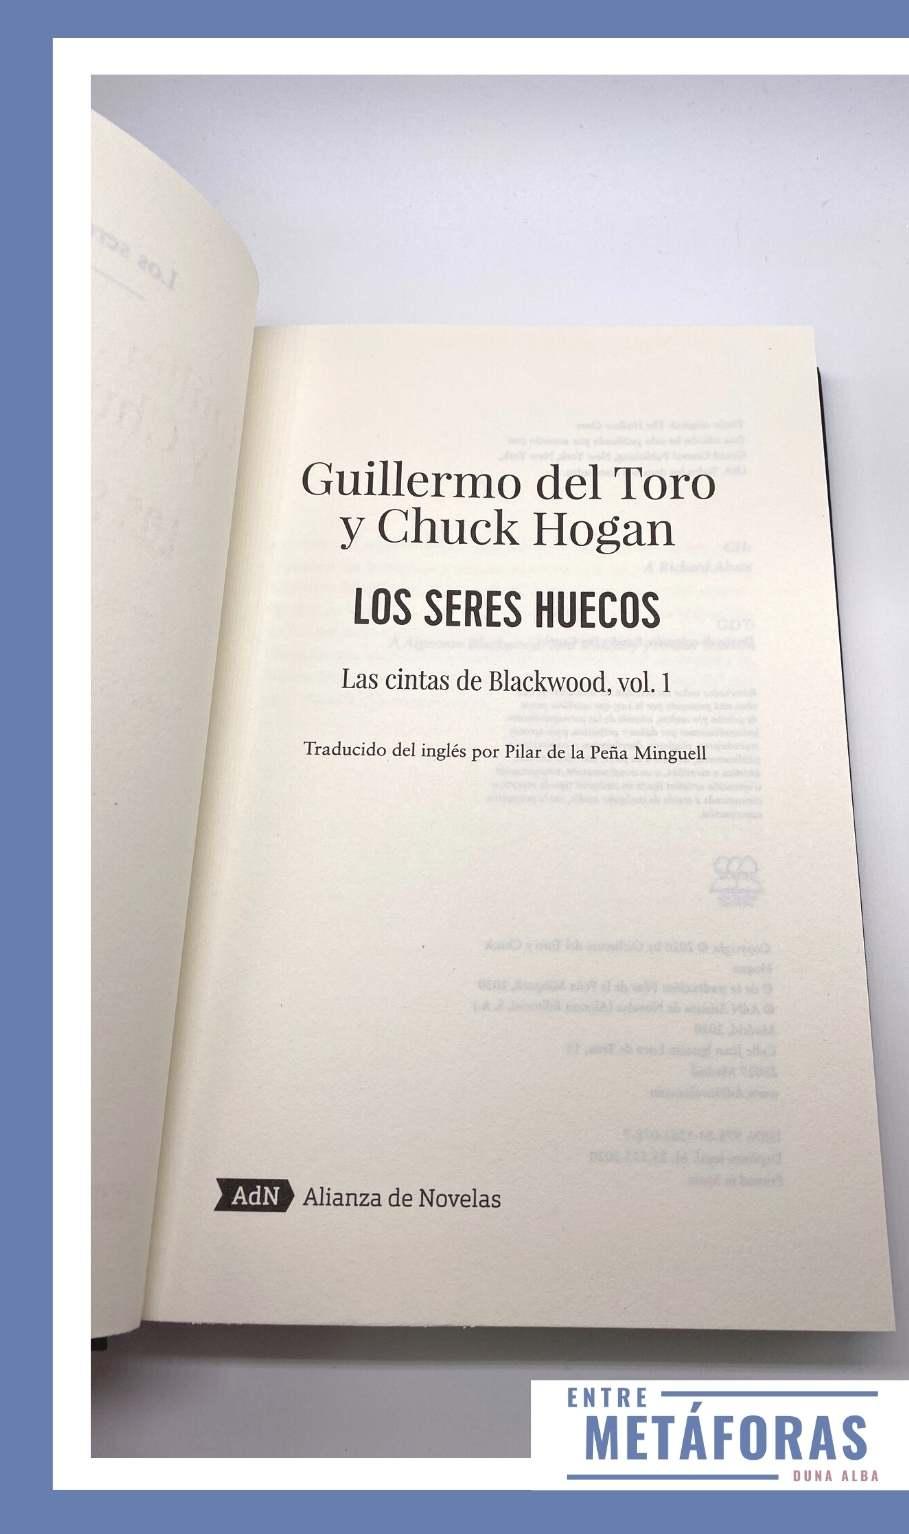 Los seres huecos, de Guillermo del Toro y Chuck Hogan